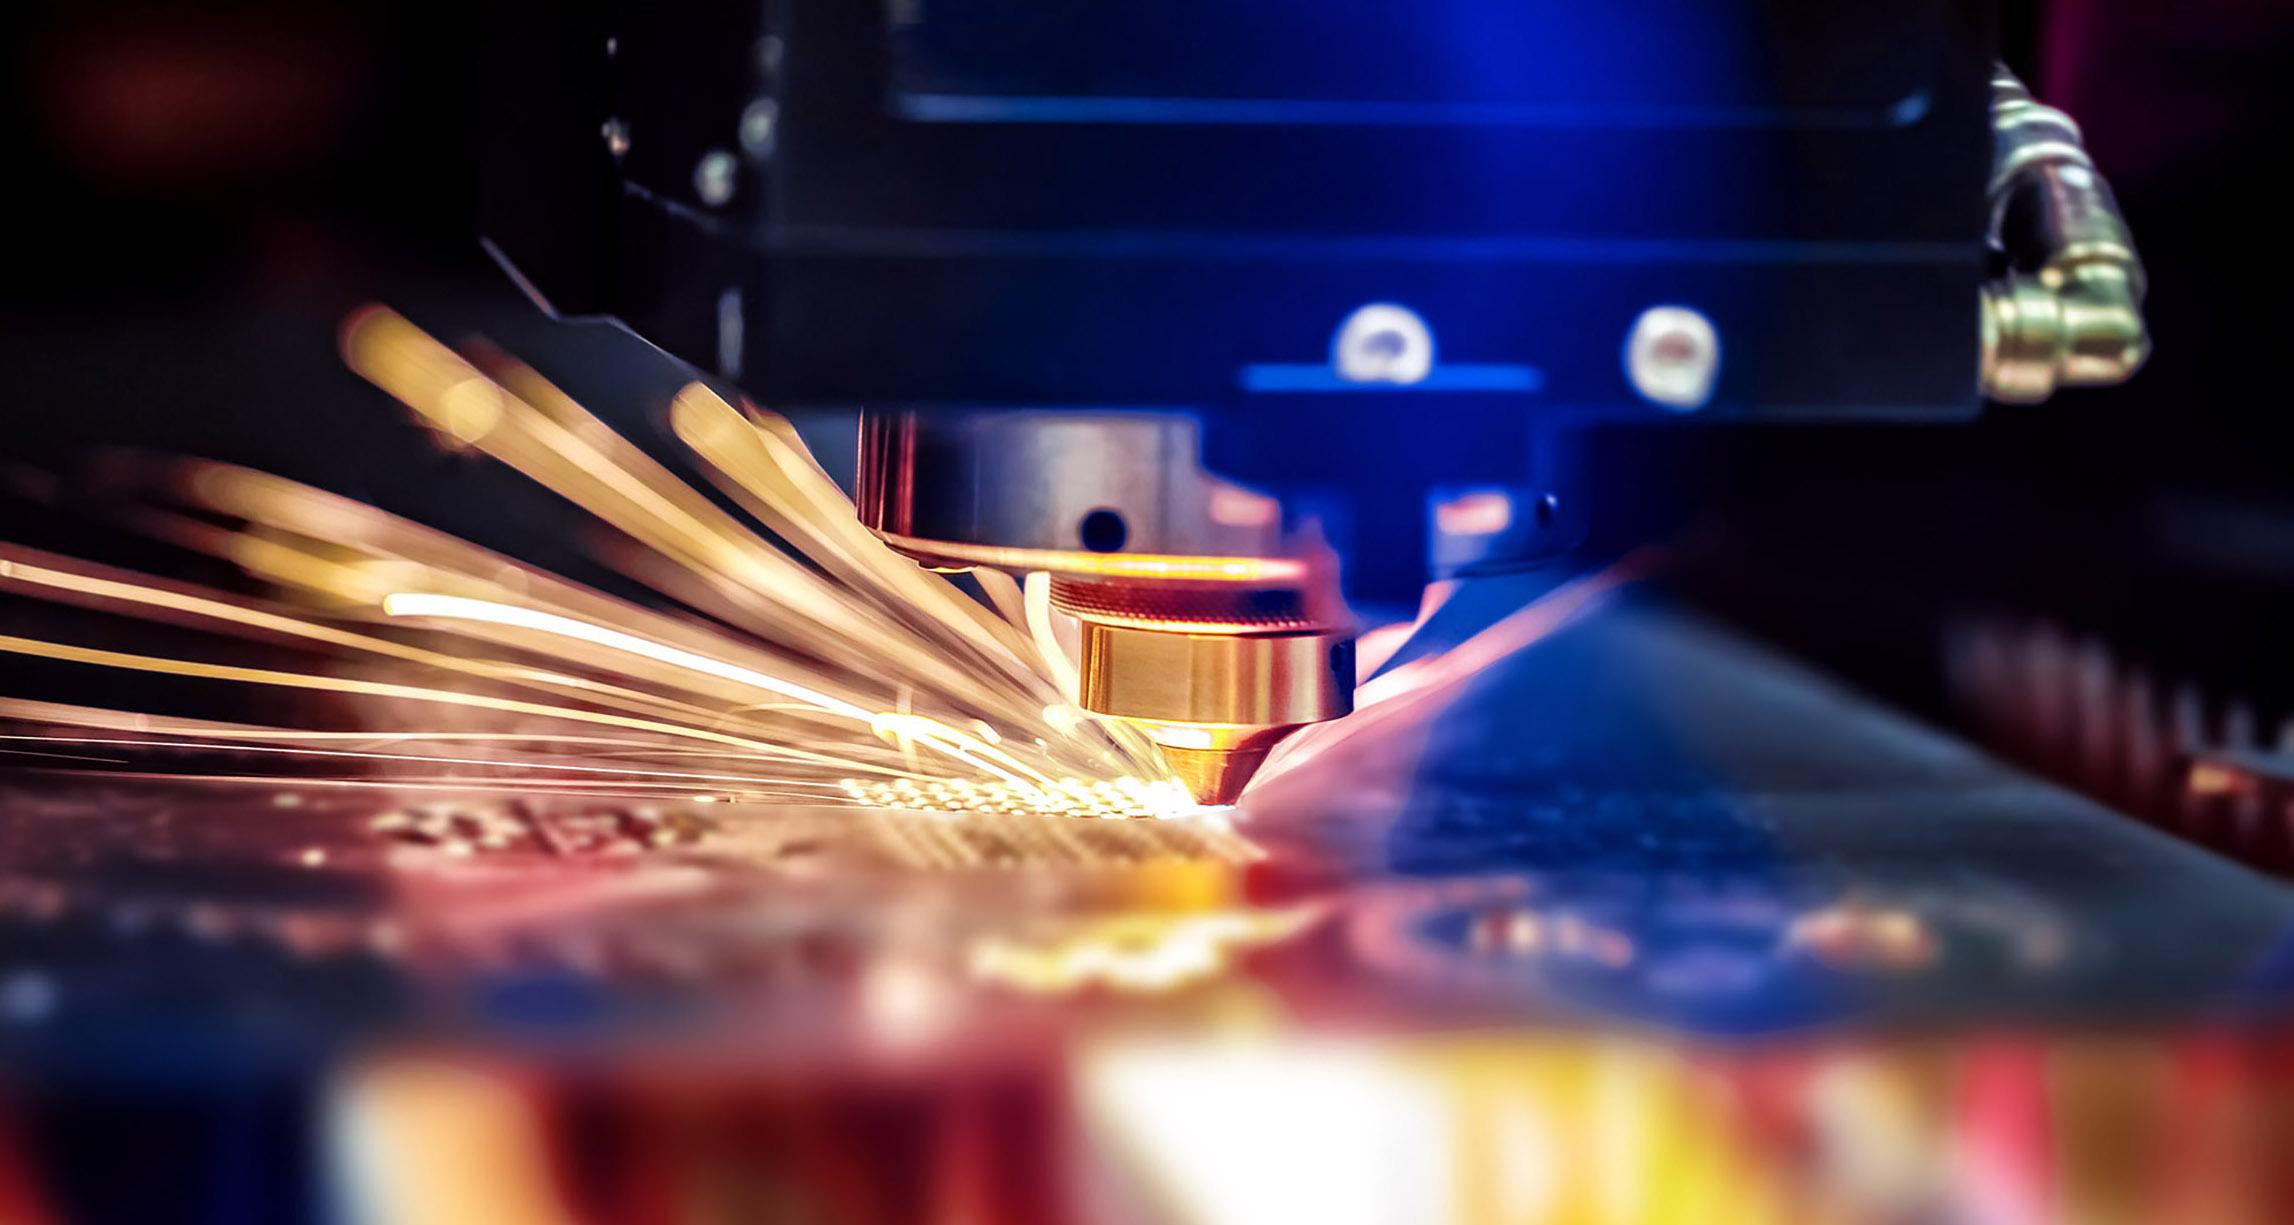 Laserleikkausta tilaustyönä kilpailukykyiseen hintaan